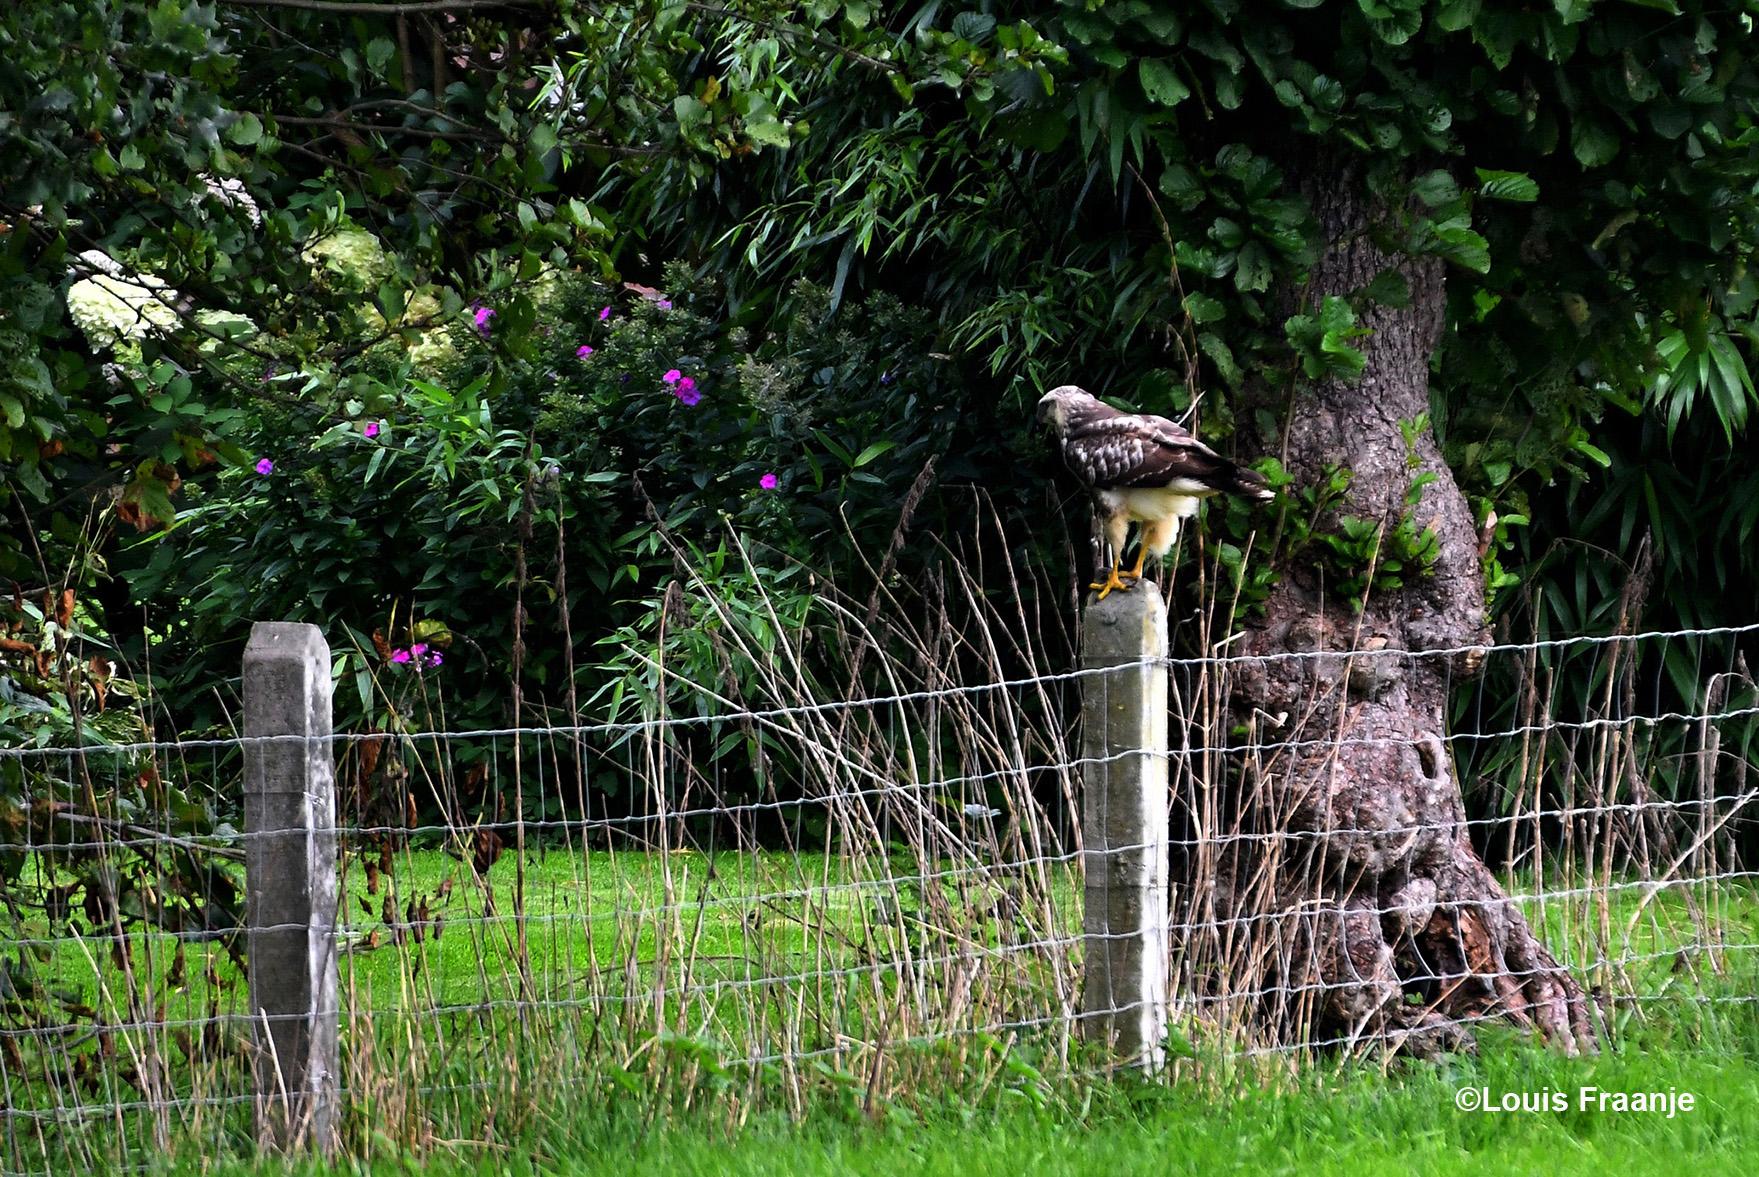 Maar als je goed en wel in positie bent, om een goede foto te maken... dan neemt de buizerd ook positie en...- Foto: ©Louis Fraanje